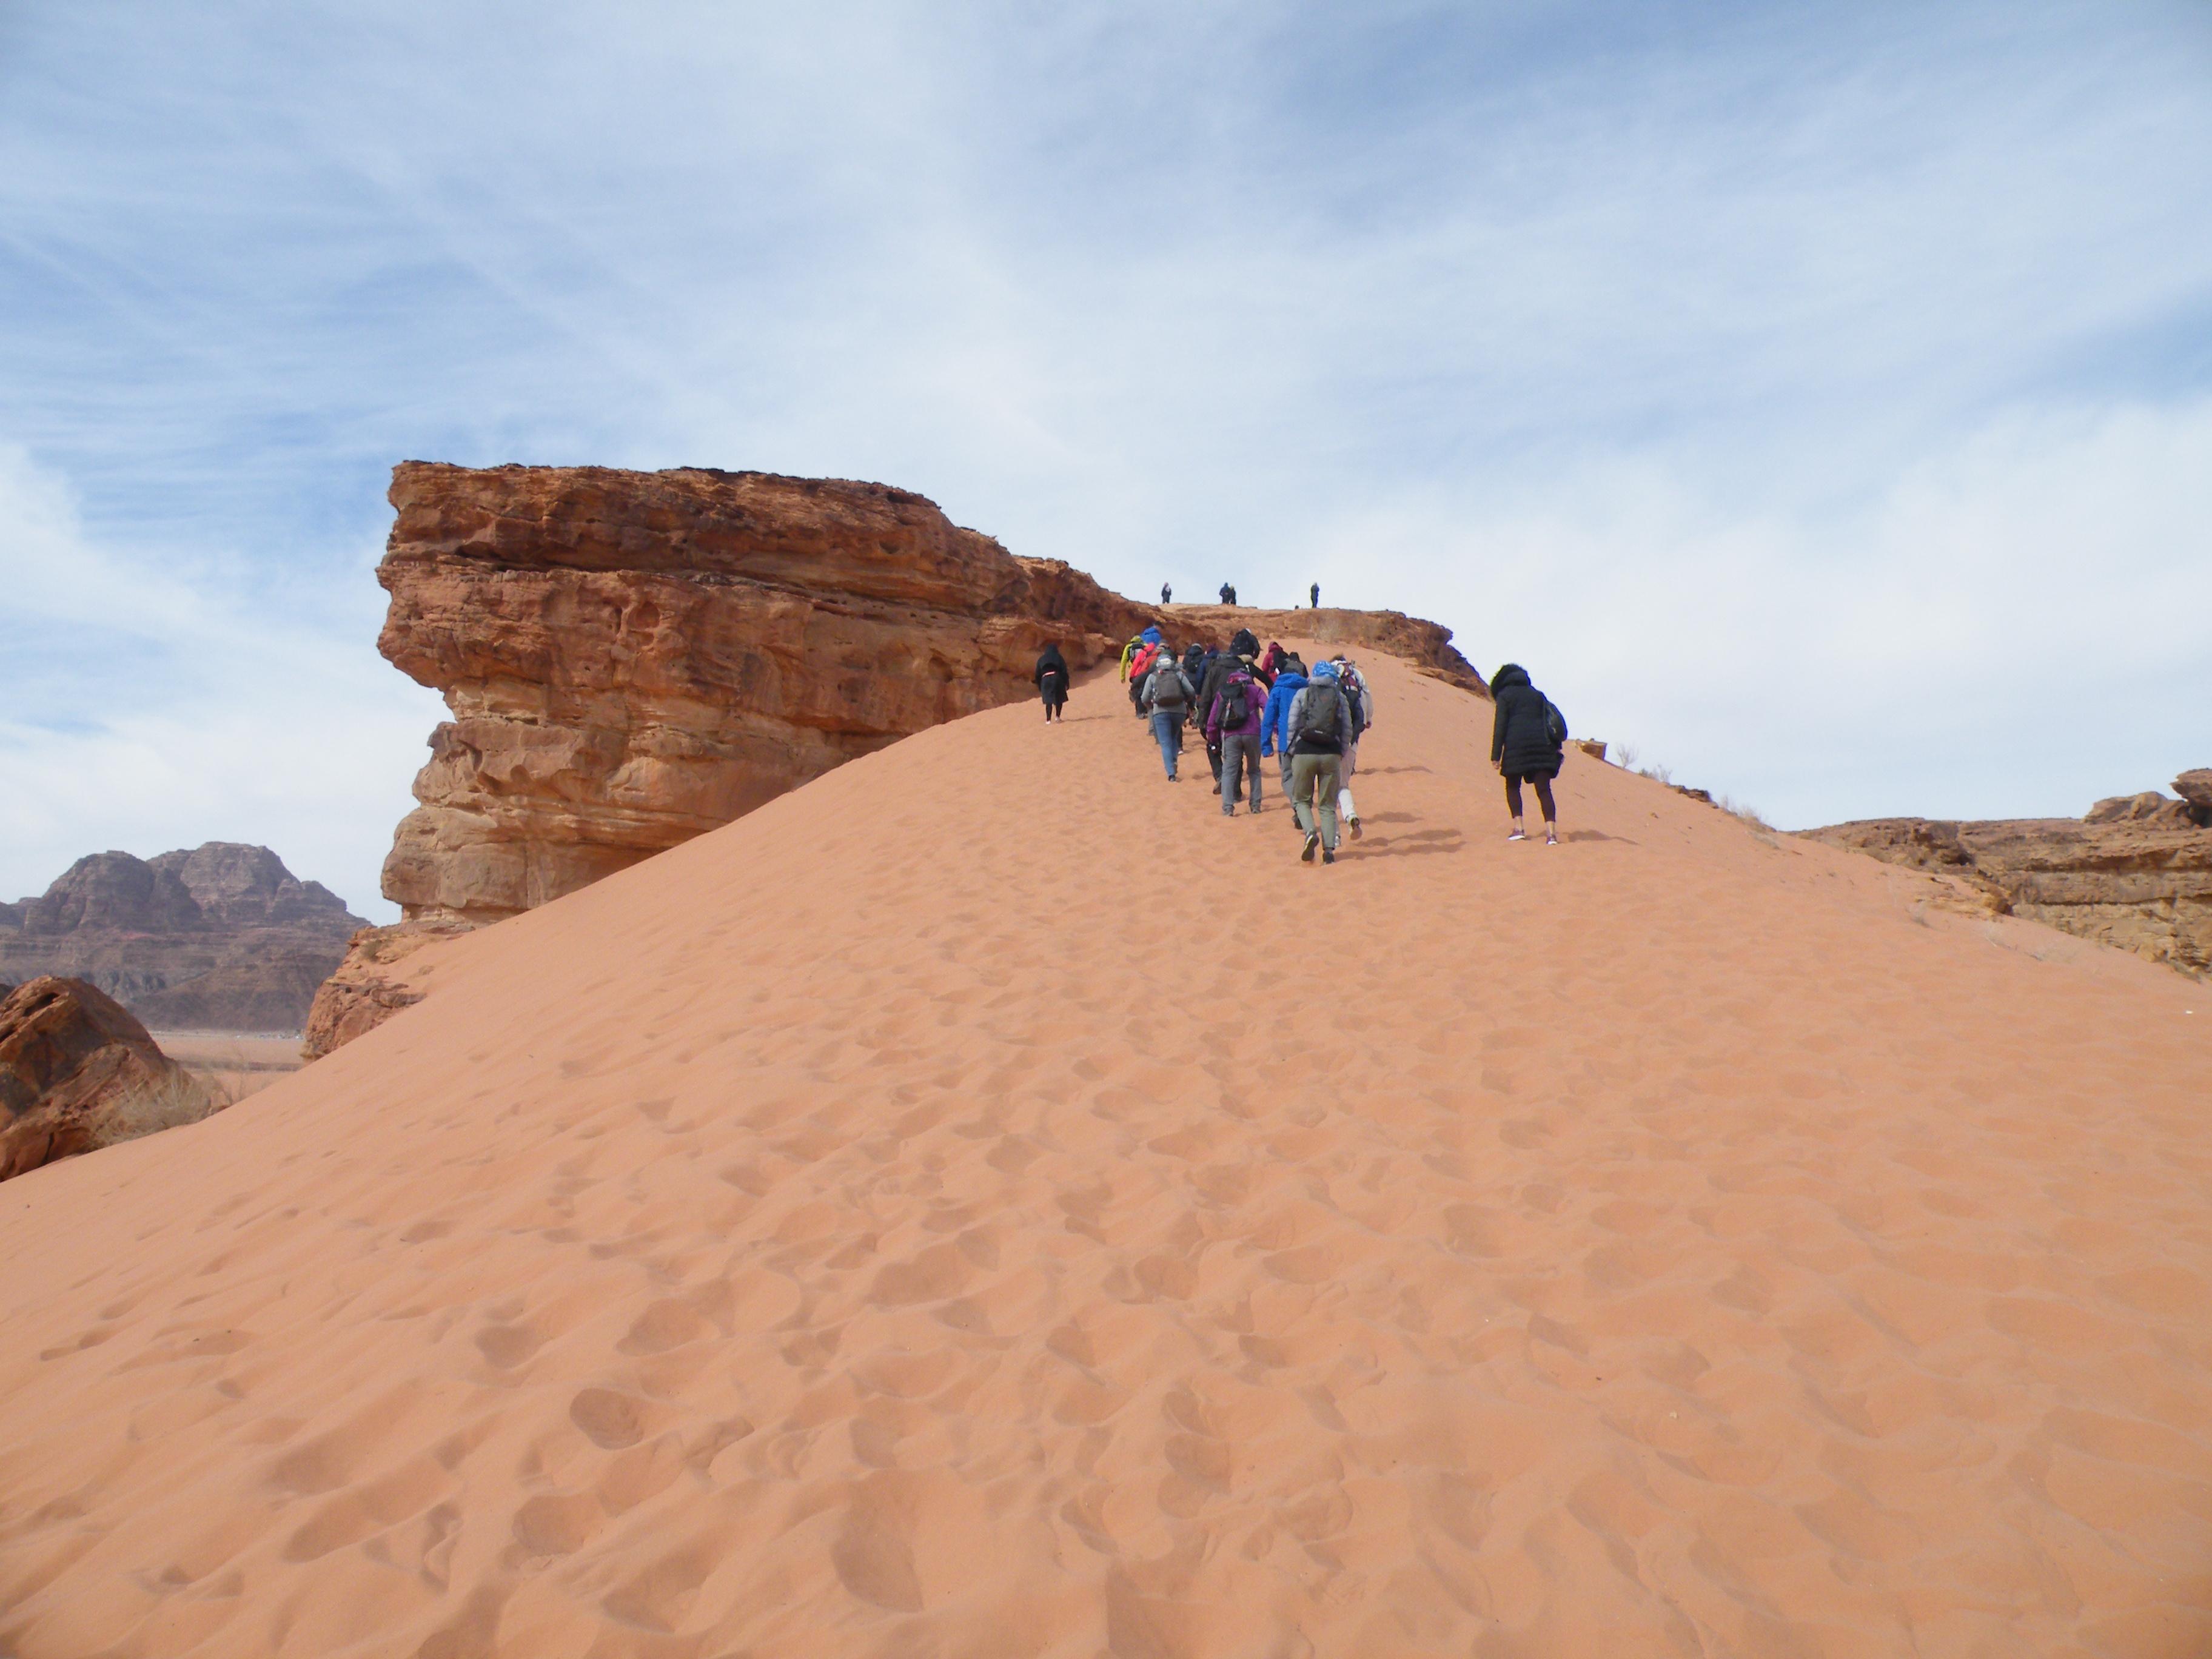 19 - Vzpon na peščeno sipino v Wadi Rumu